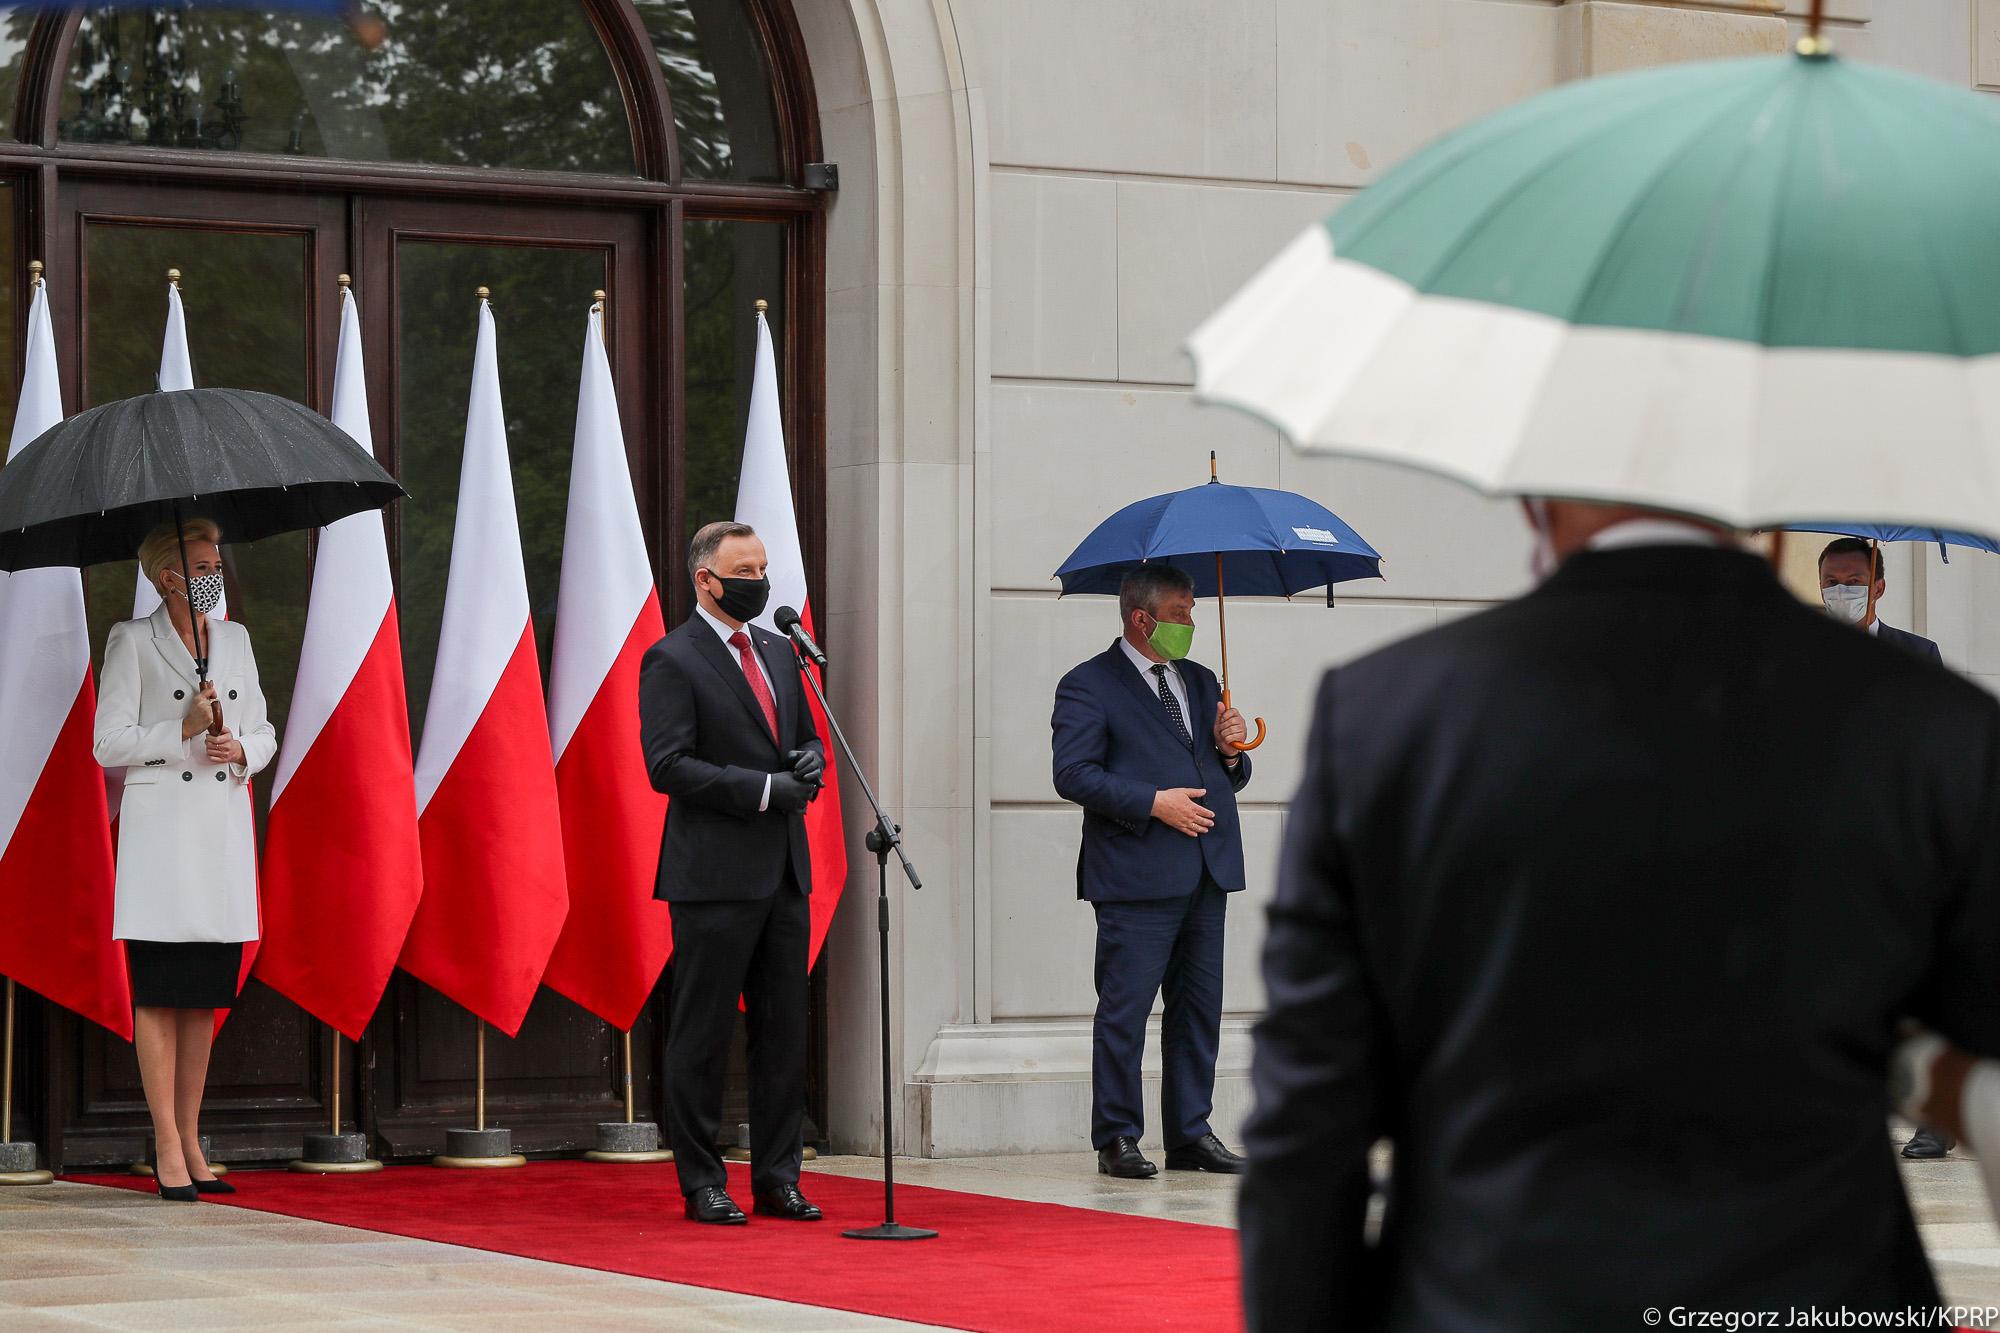 Para Prezydencka oraz minister J. K. Ardanowski podczas uroczystej Gali AgroLigi 2019 w Pałacu Prezydenckim